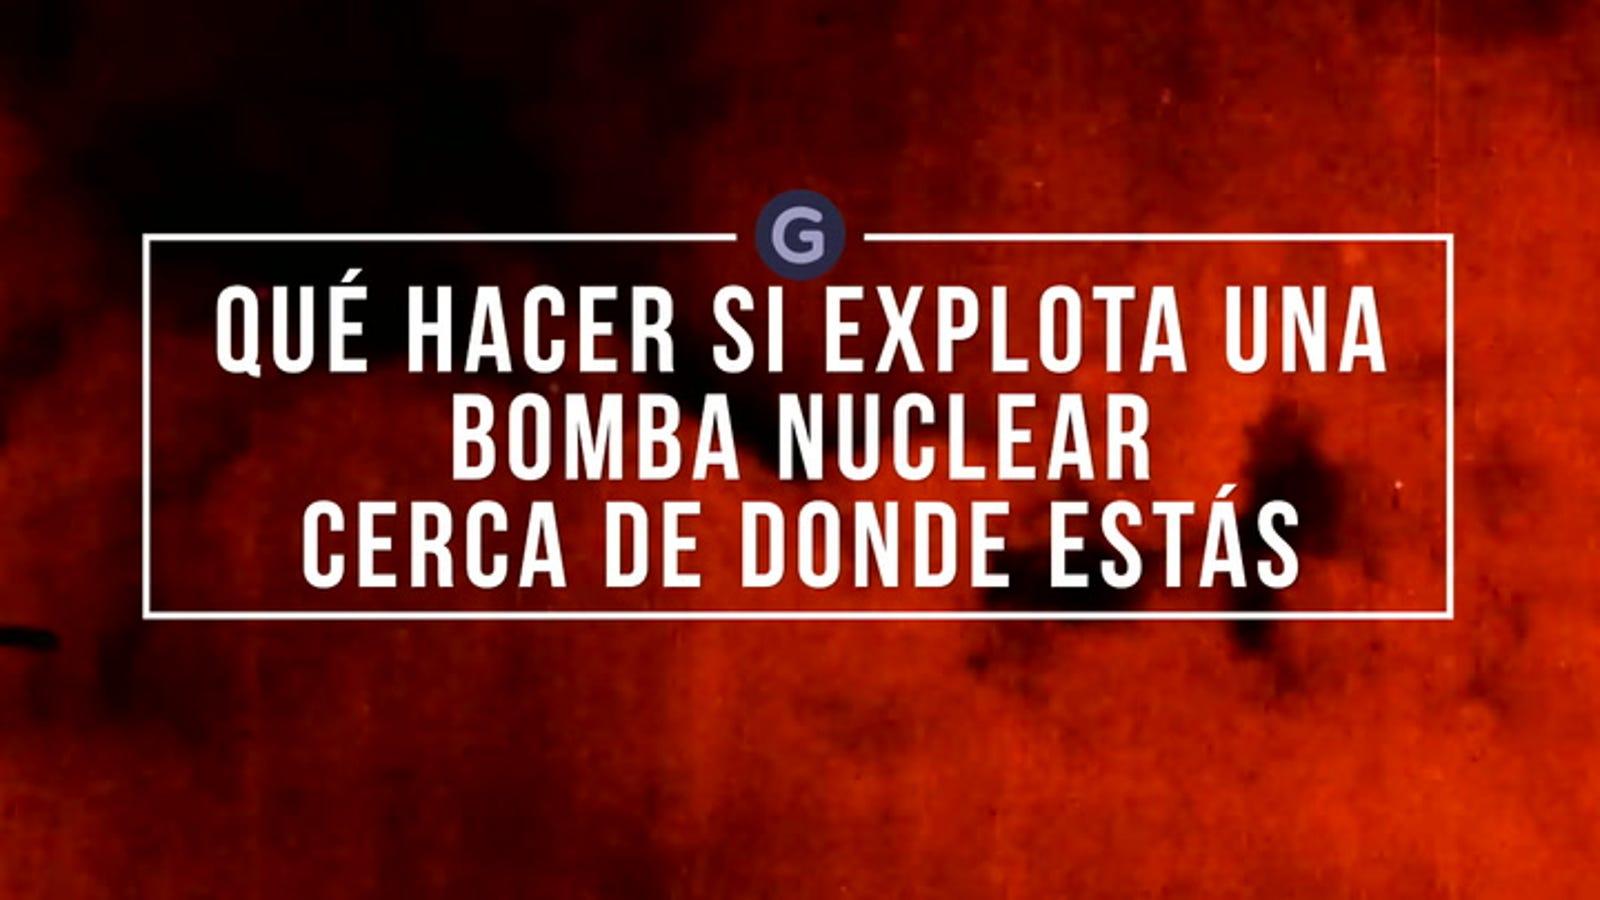 Dónde esconderte (y qué hacer) si explota una bomba nuclear cerca de donde vives